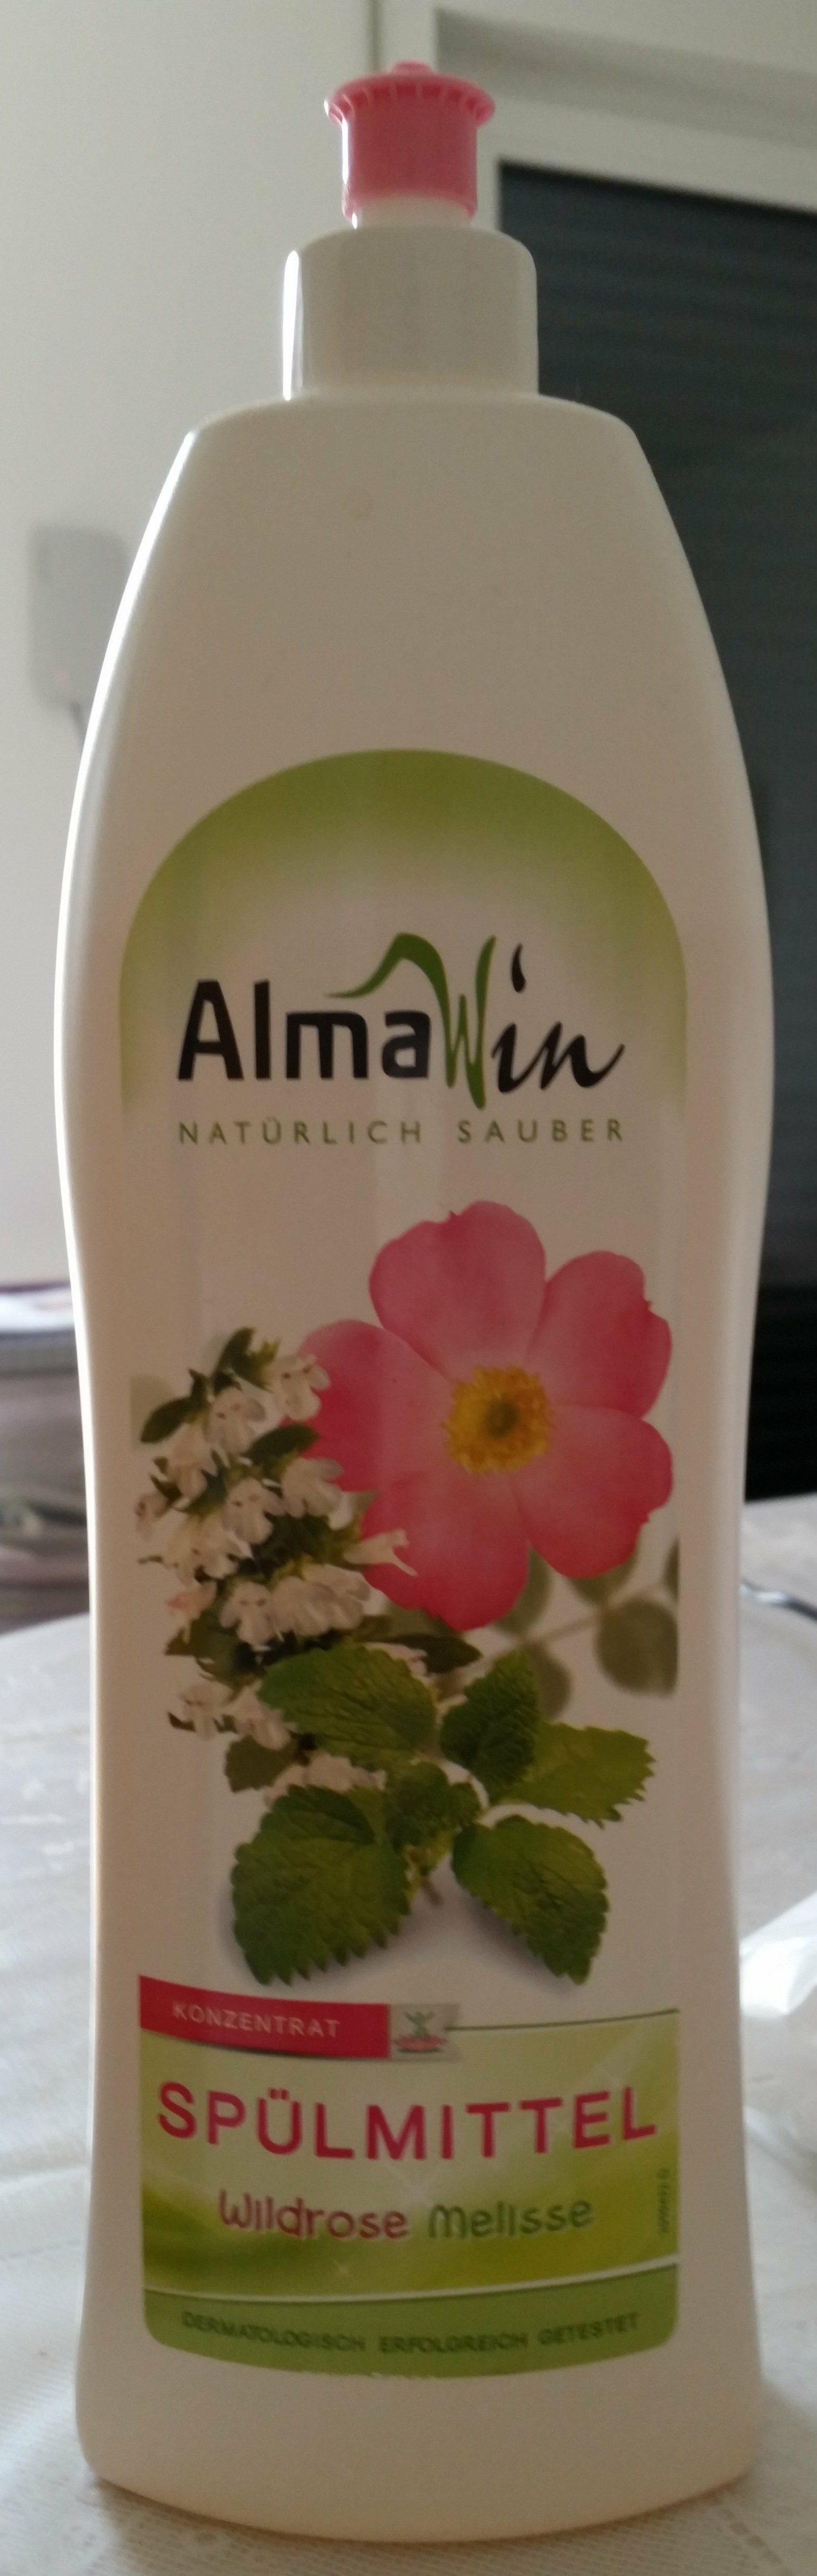 Spülmittel Wildrose Melisse - Product